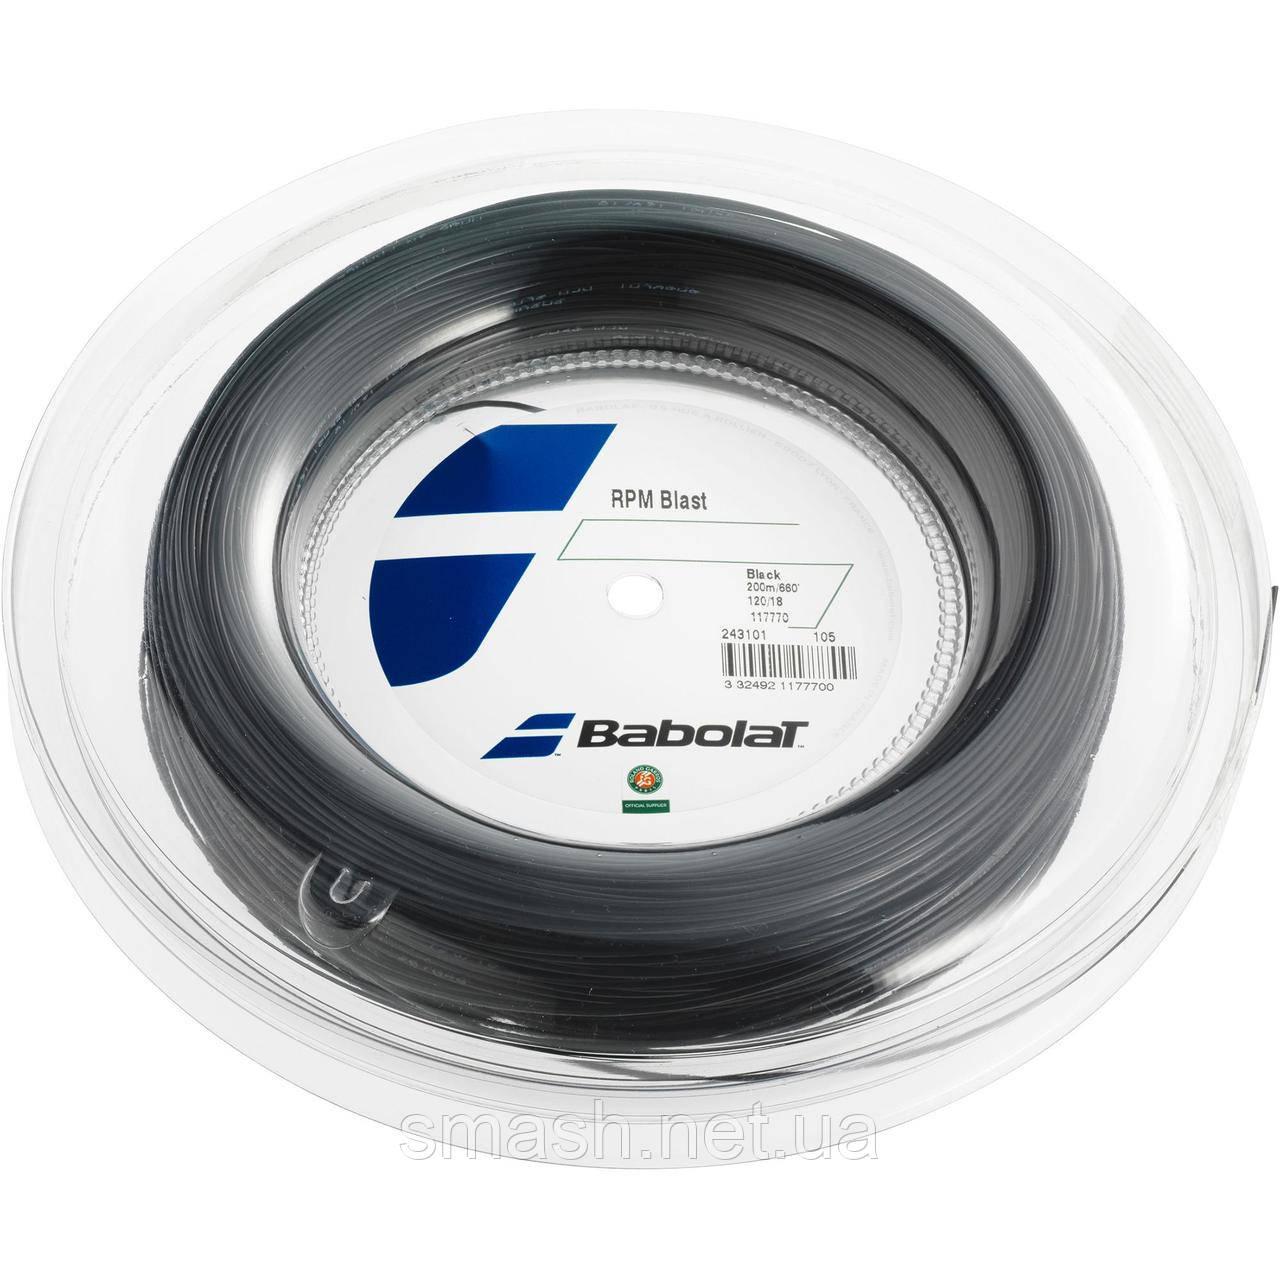 Струны для тенниса Babolat RPM Blast 12 m (размотка с бобины)